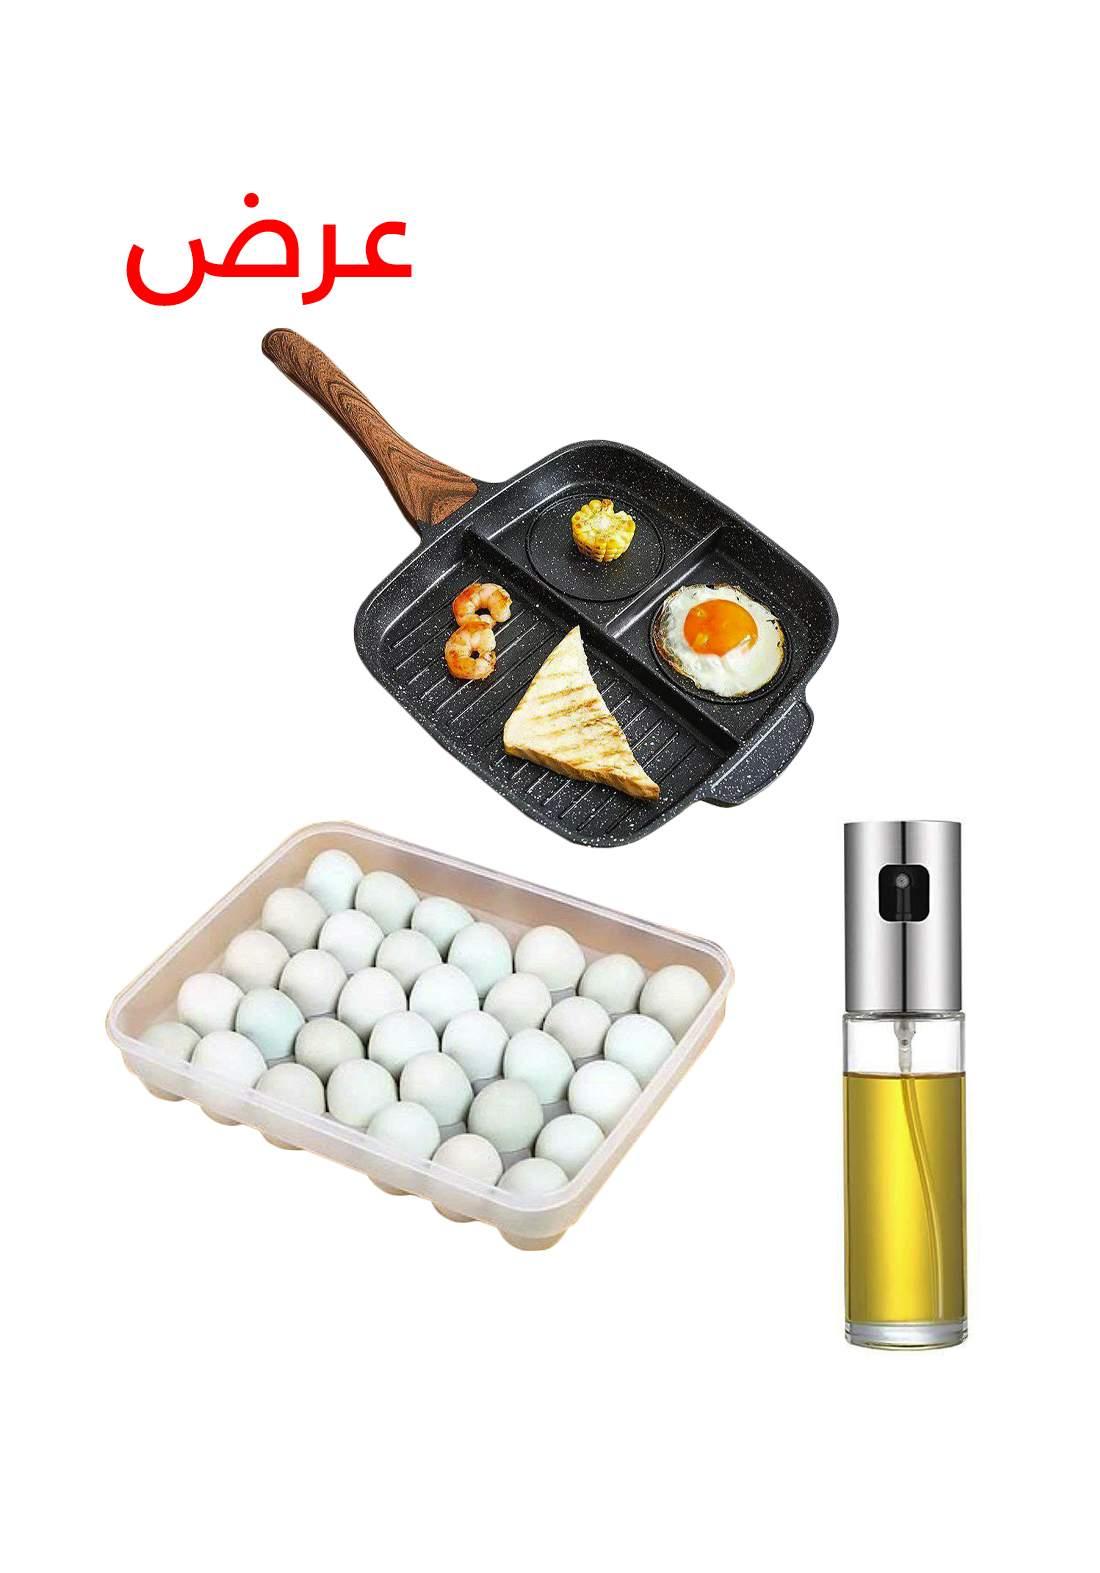 عرض ثلاثي حافظة بيض+ مقلاة + مزيتة